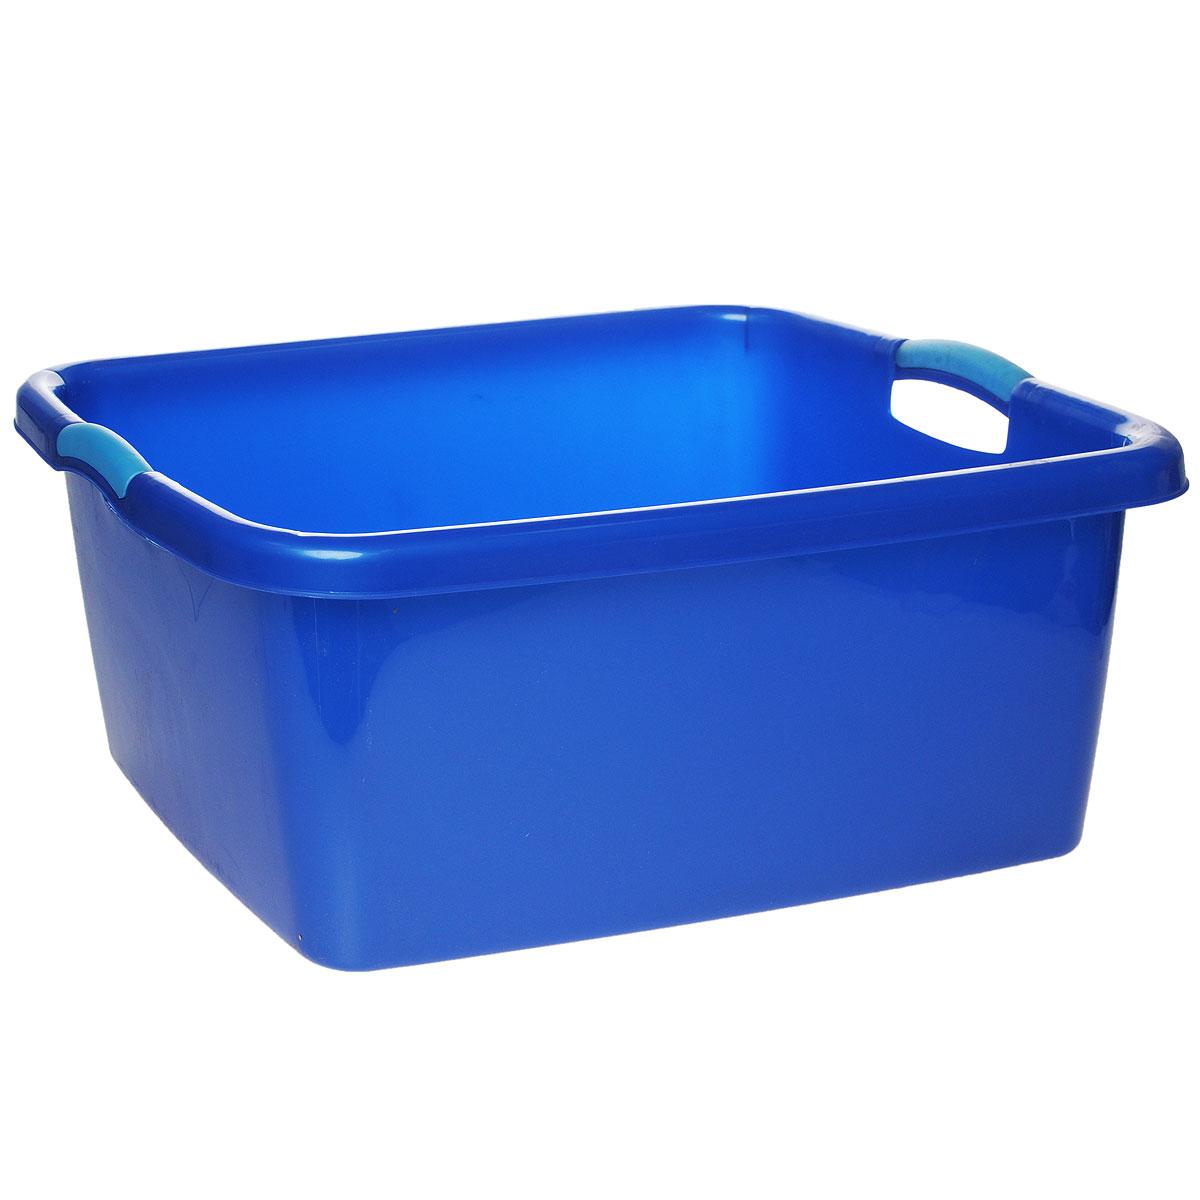 Таз Dunya Plastik Симпатия, цвет: синий, 40 л05502Таз Dunya Plastik Симпатия выполнен из прочного пластика. Он предназначен для стирки и хранения разных вещей. По бокам имеются эргономичный ручки, которые обеспечивают надежный захват. Таз Dunya Plastik Симпатия пригодится в любом хозяйстве.